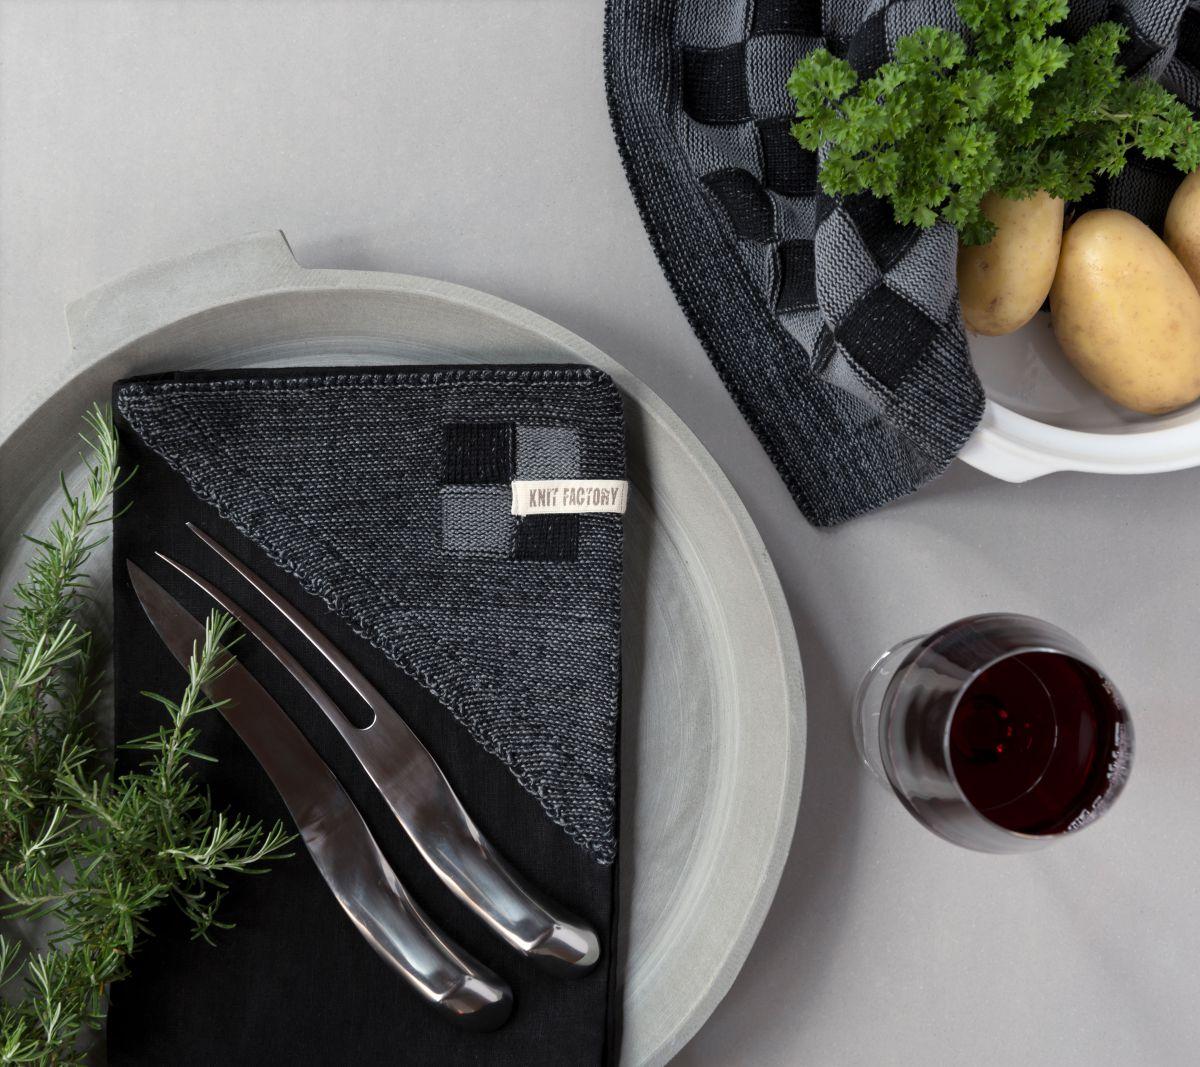 20101 knit factory theedoek grote blok 2 kleuren zwart 7